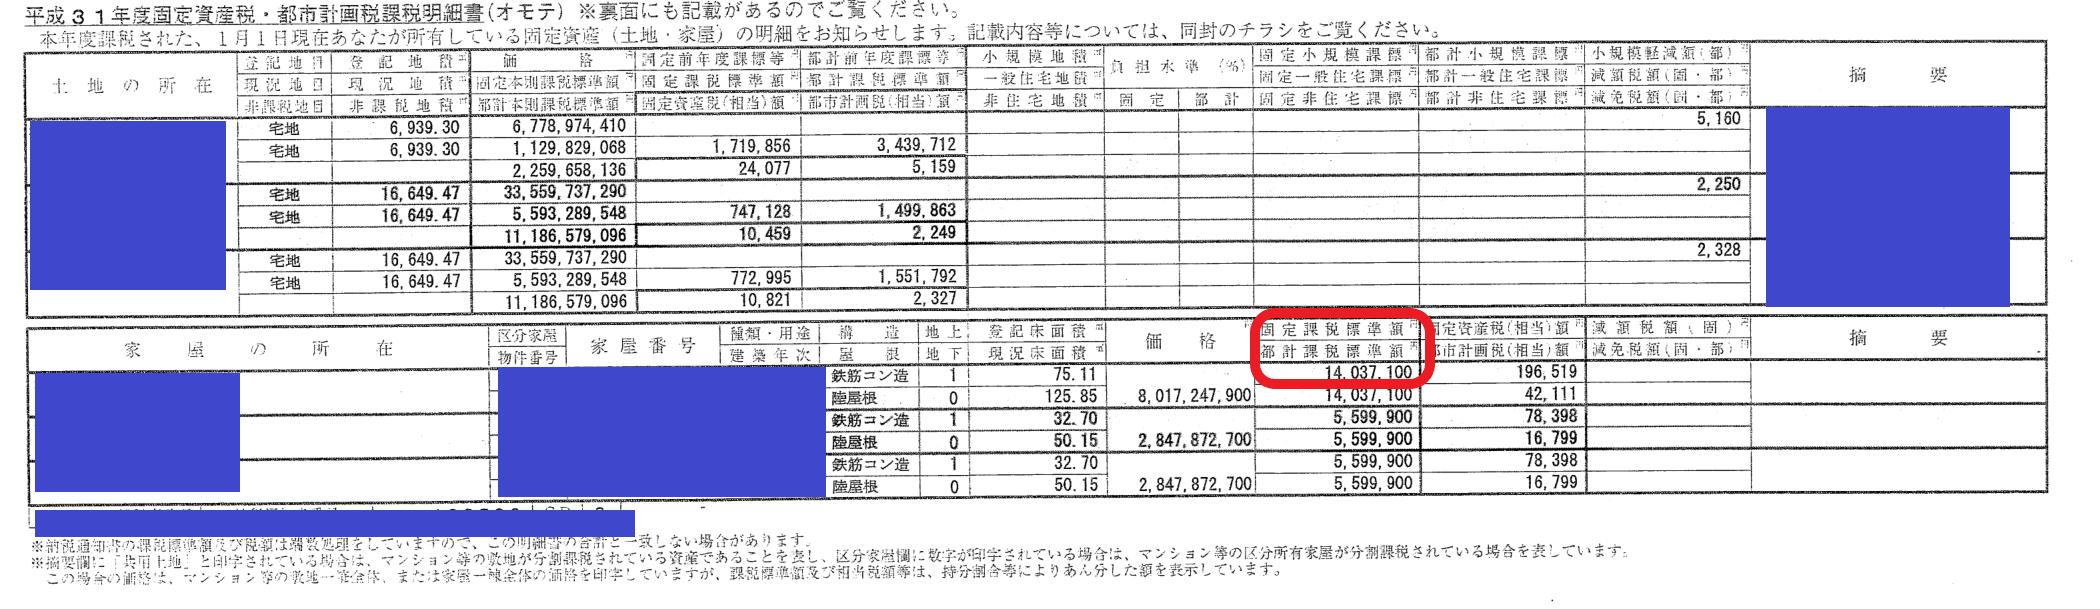 マンション課税明細書